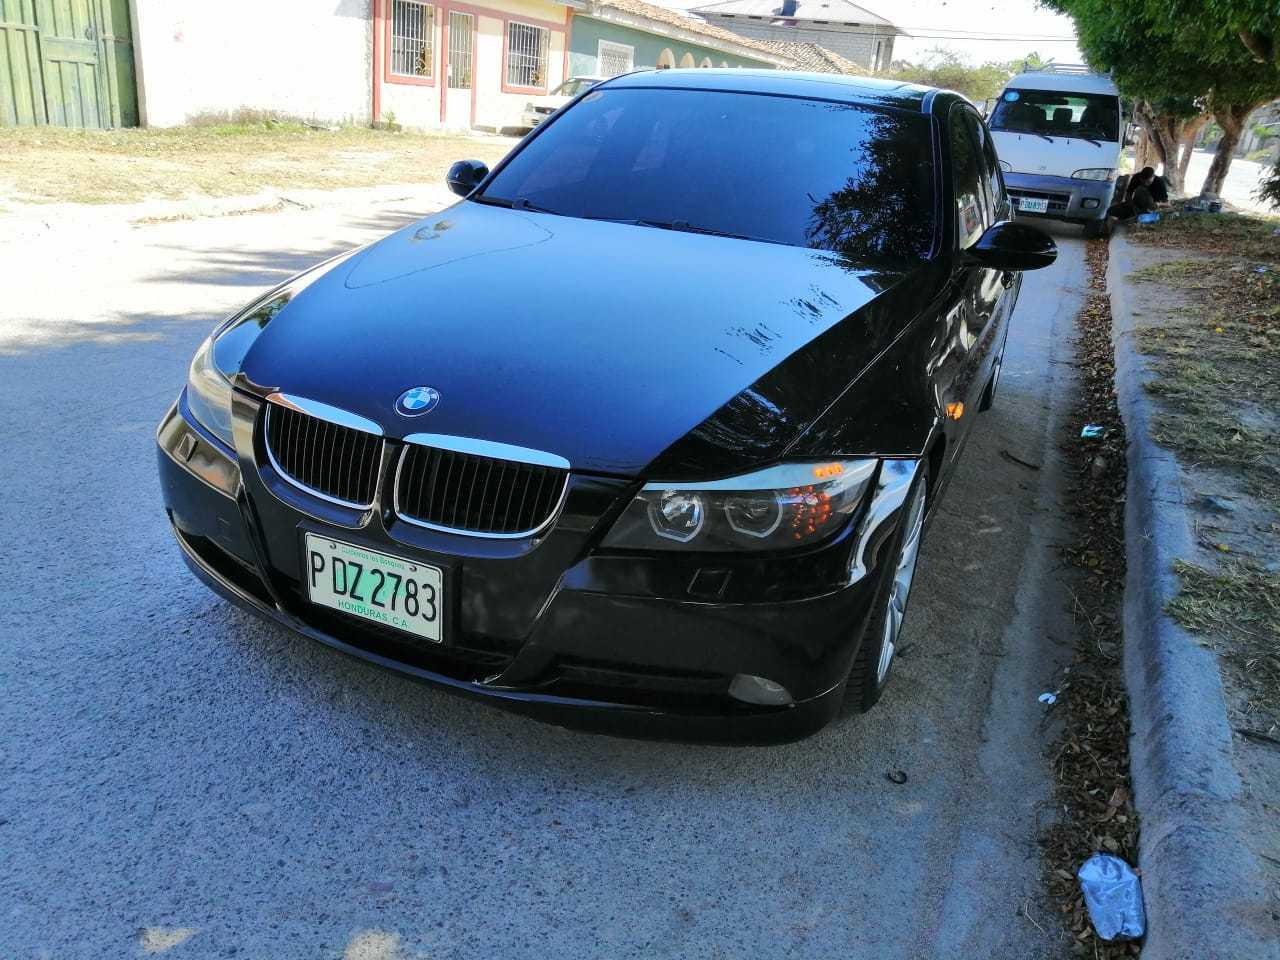 Venta de vehículo BMW 328i